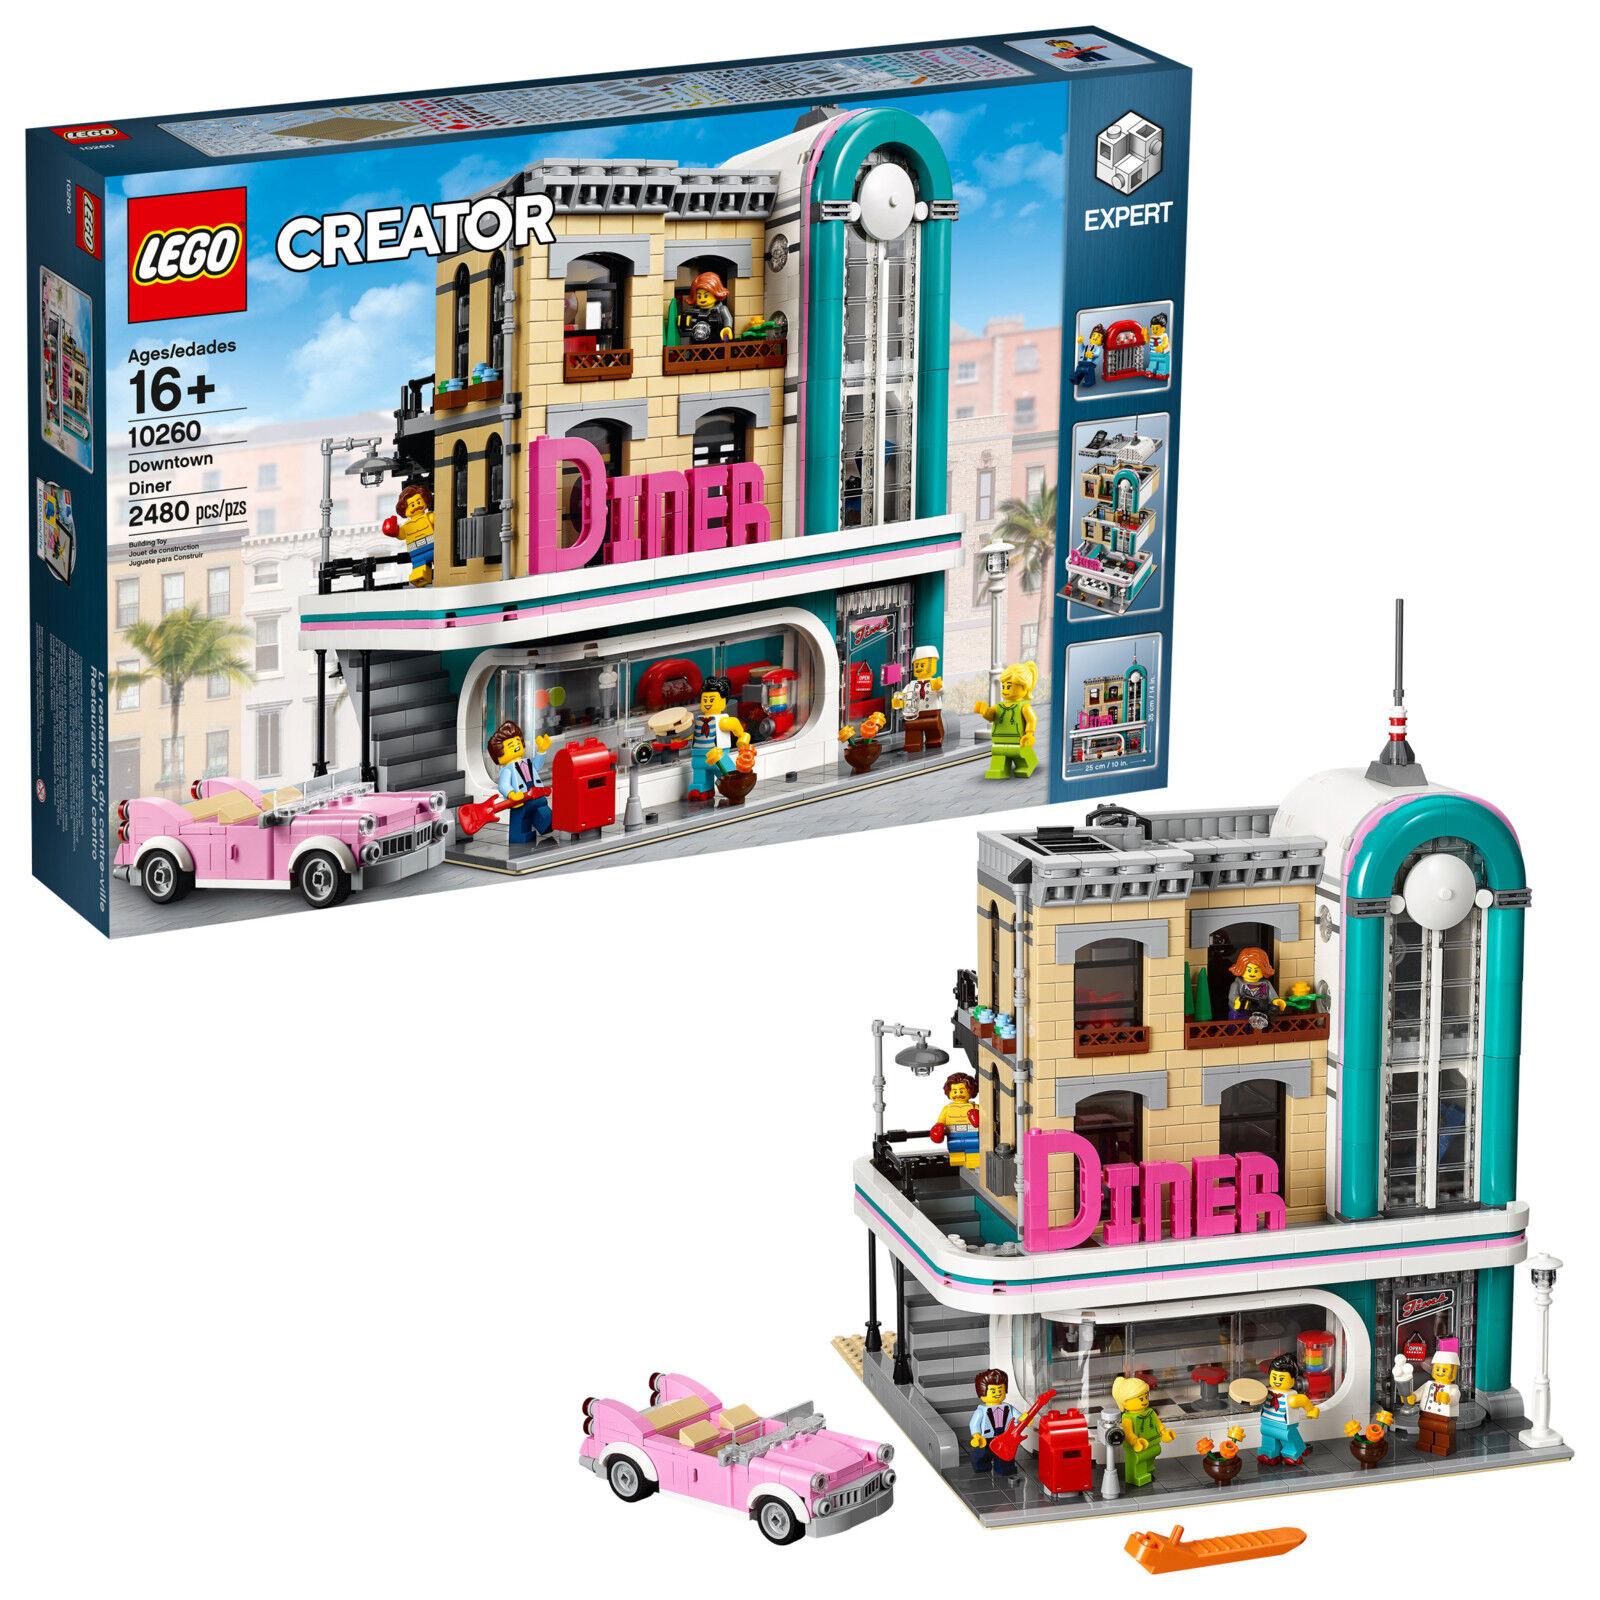 Lego creator downtown diner 6 kooperation im amerikanischen stil mit 50er - jahre mitte - ebene